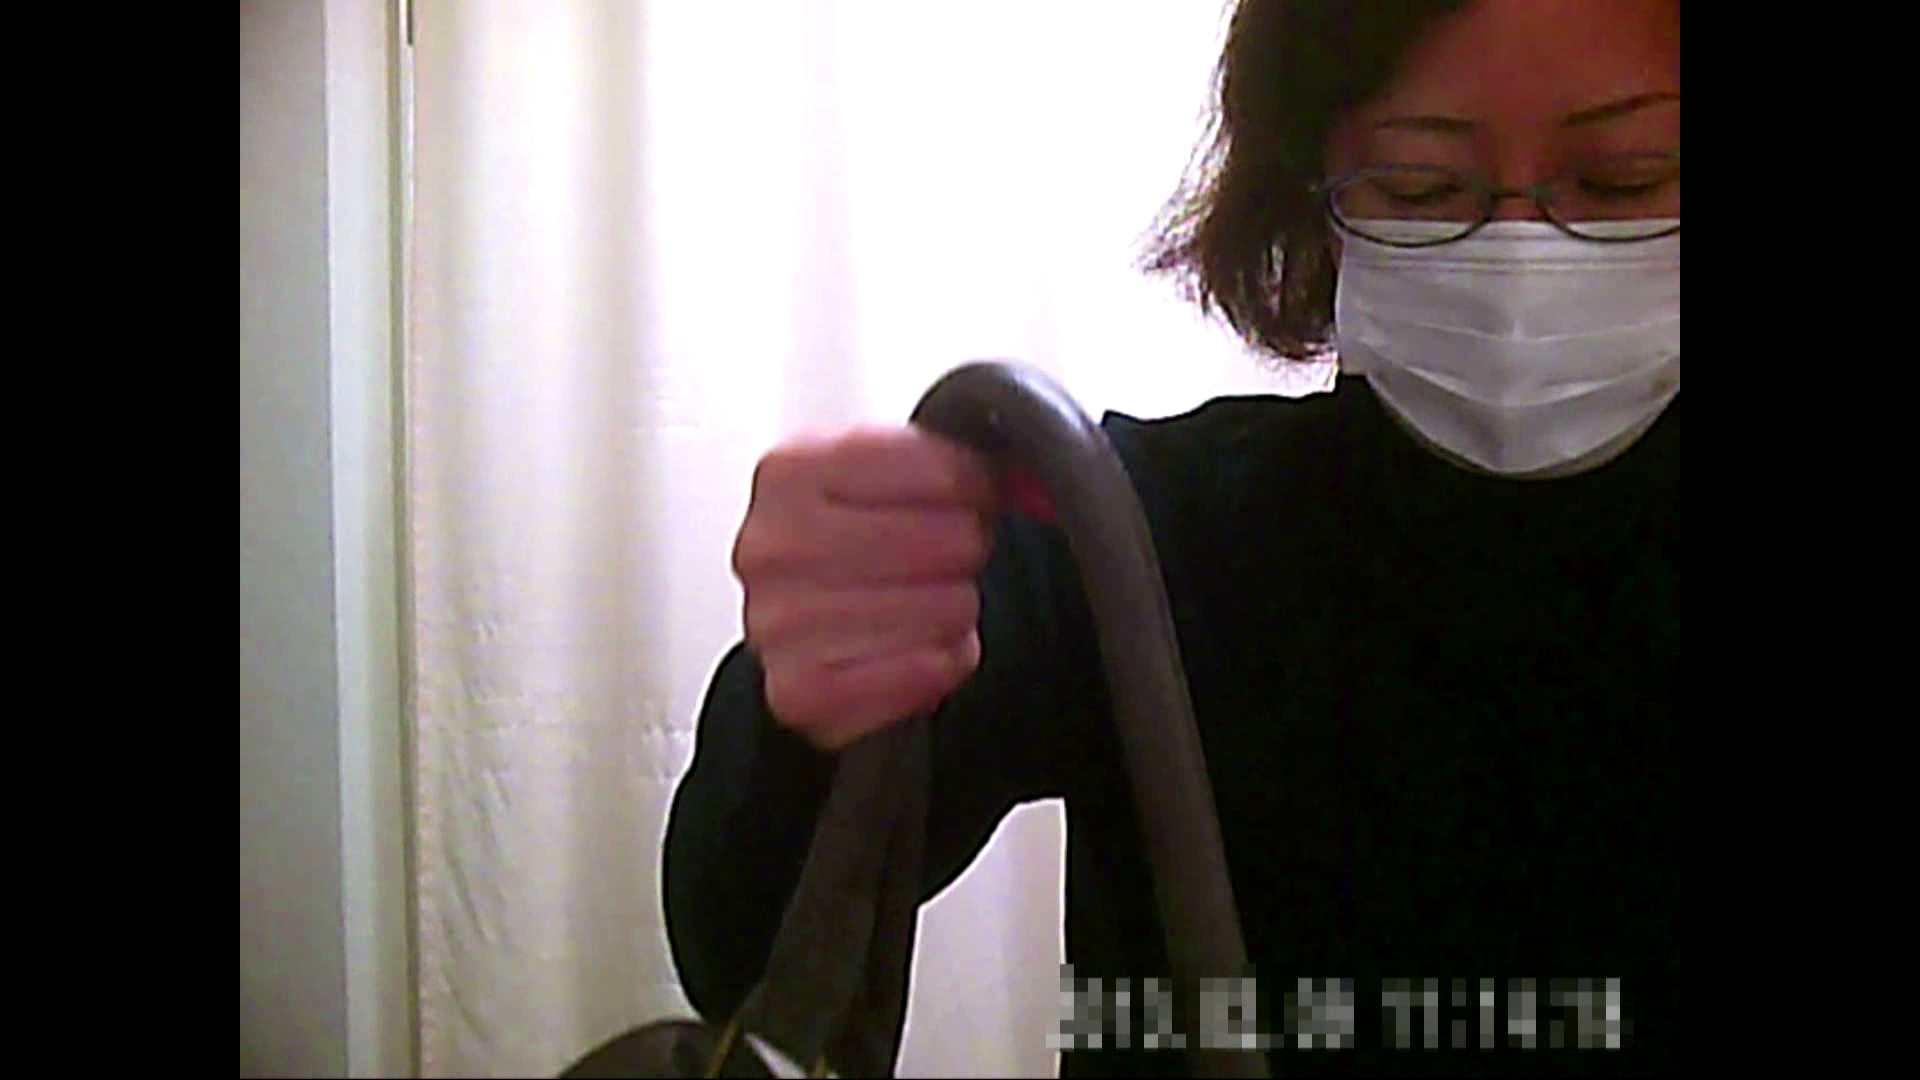 元医者による反抗 更衣室地獄絵巻 vol.146 OLハメ撮り  24Pix 6